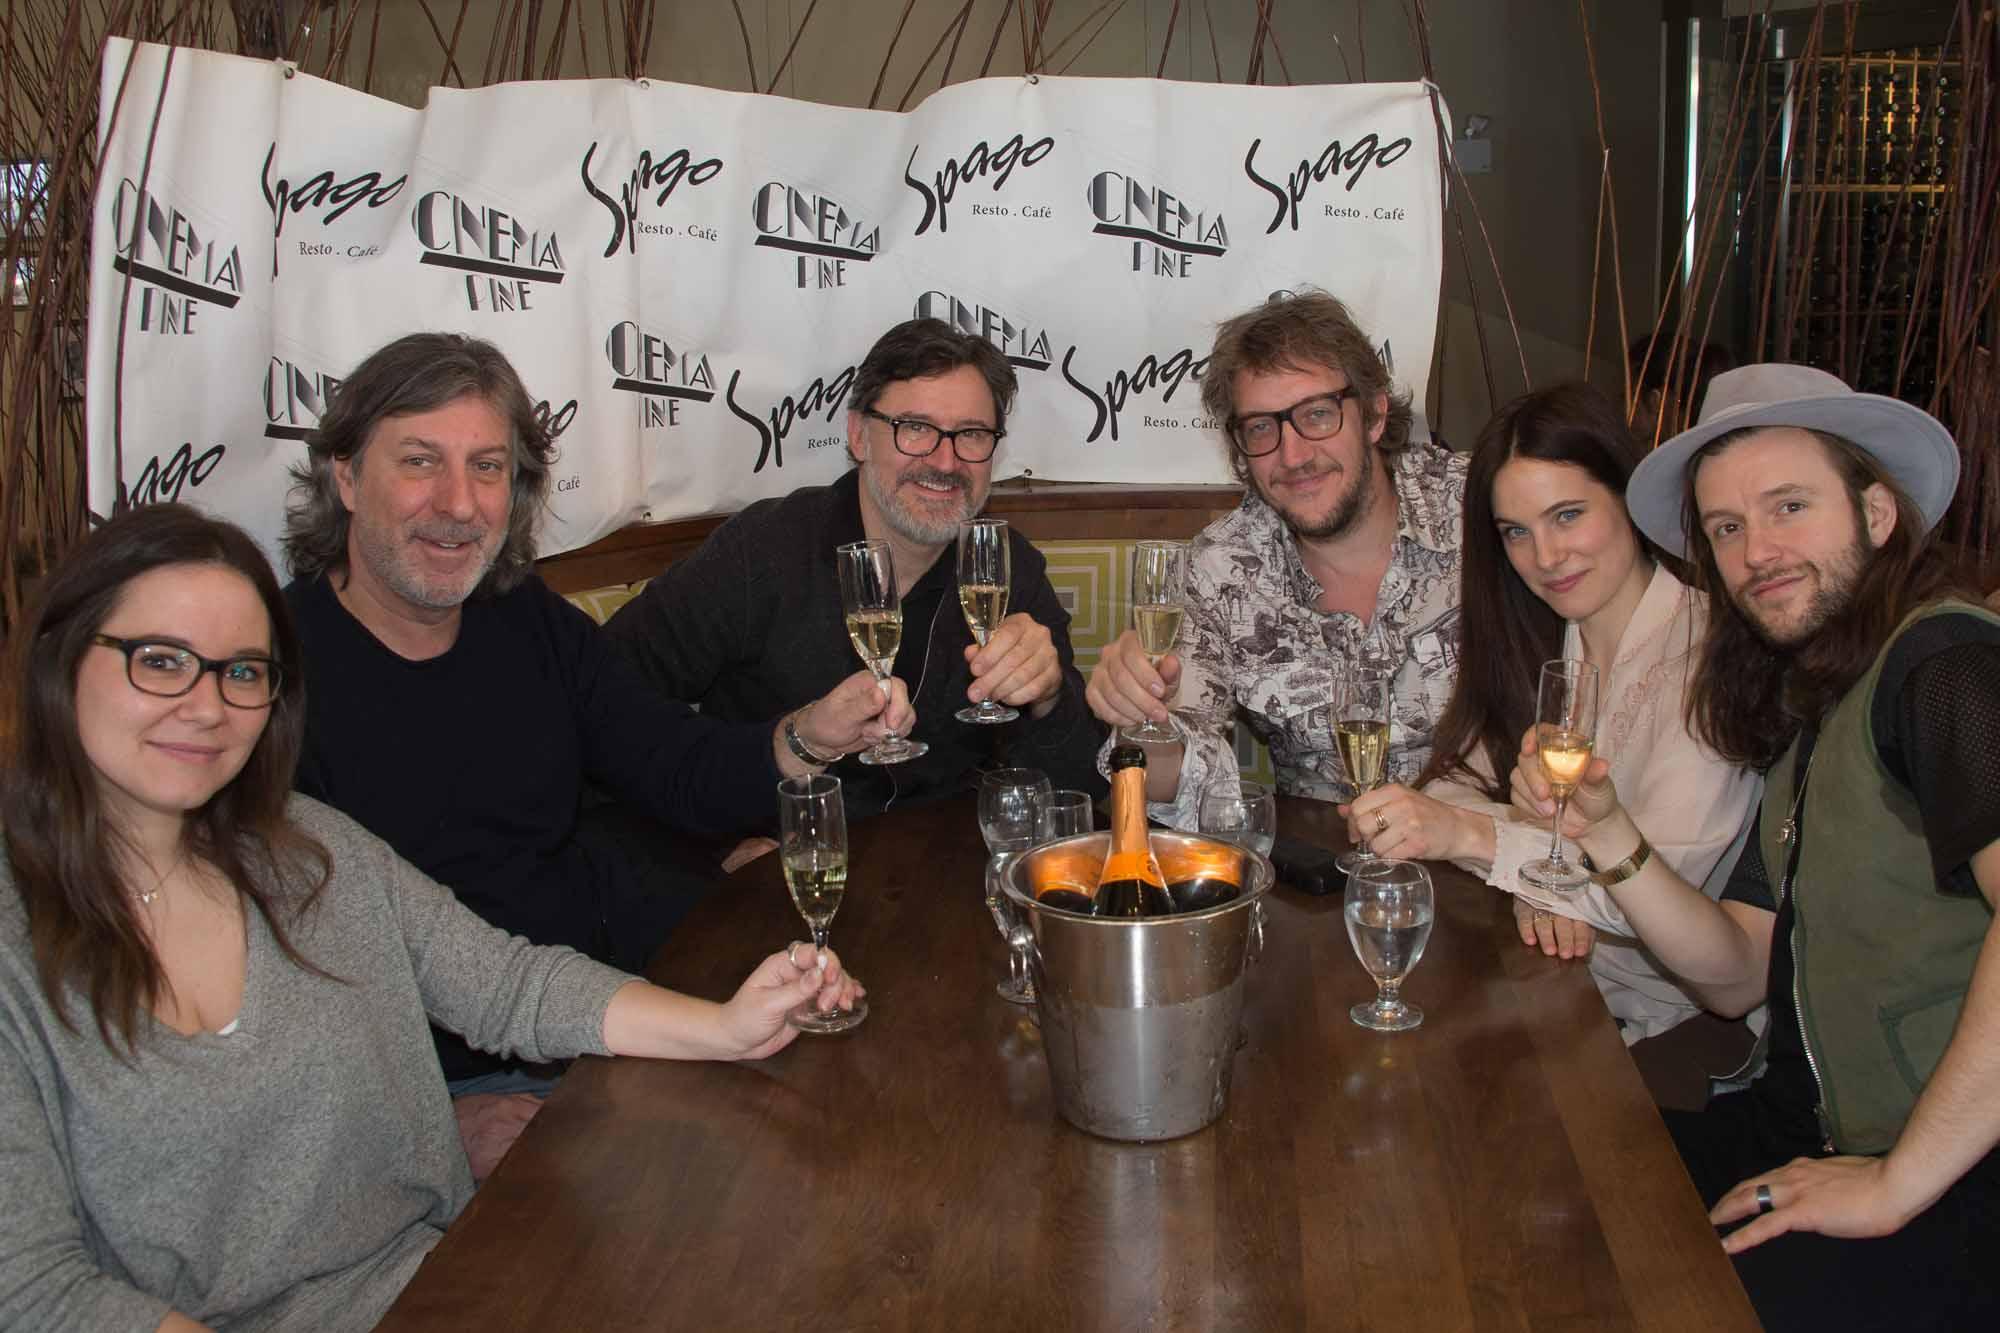 L'équipe de Chasse-Galerie célébrait au champagne cette première du film à Sainte-Adèle: Geneviève Lefebvre, Réal Chabot, François Papineau, Jean-Philippe Duval, Caroline Dhavernas et Francis Ducharme.